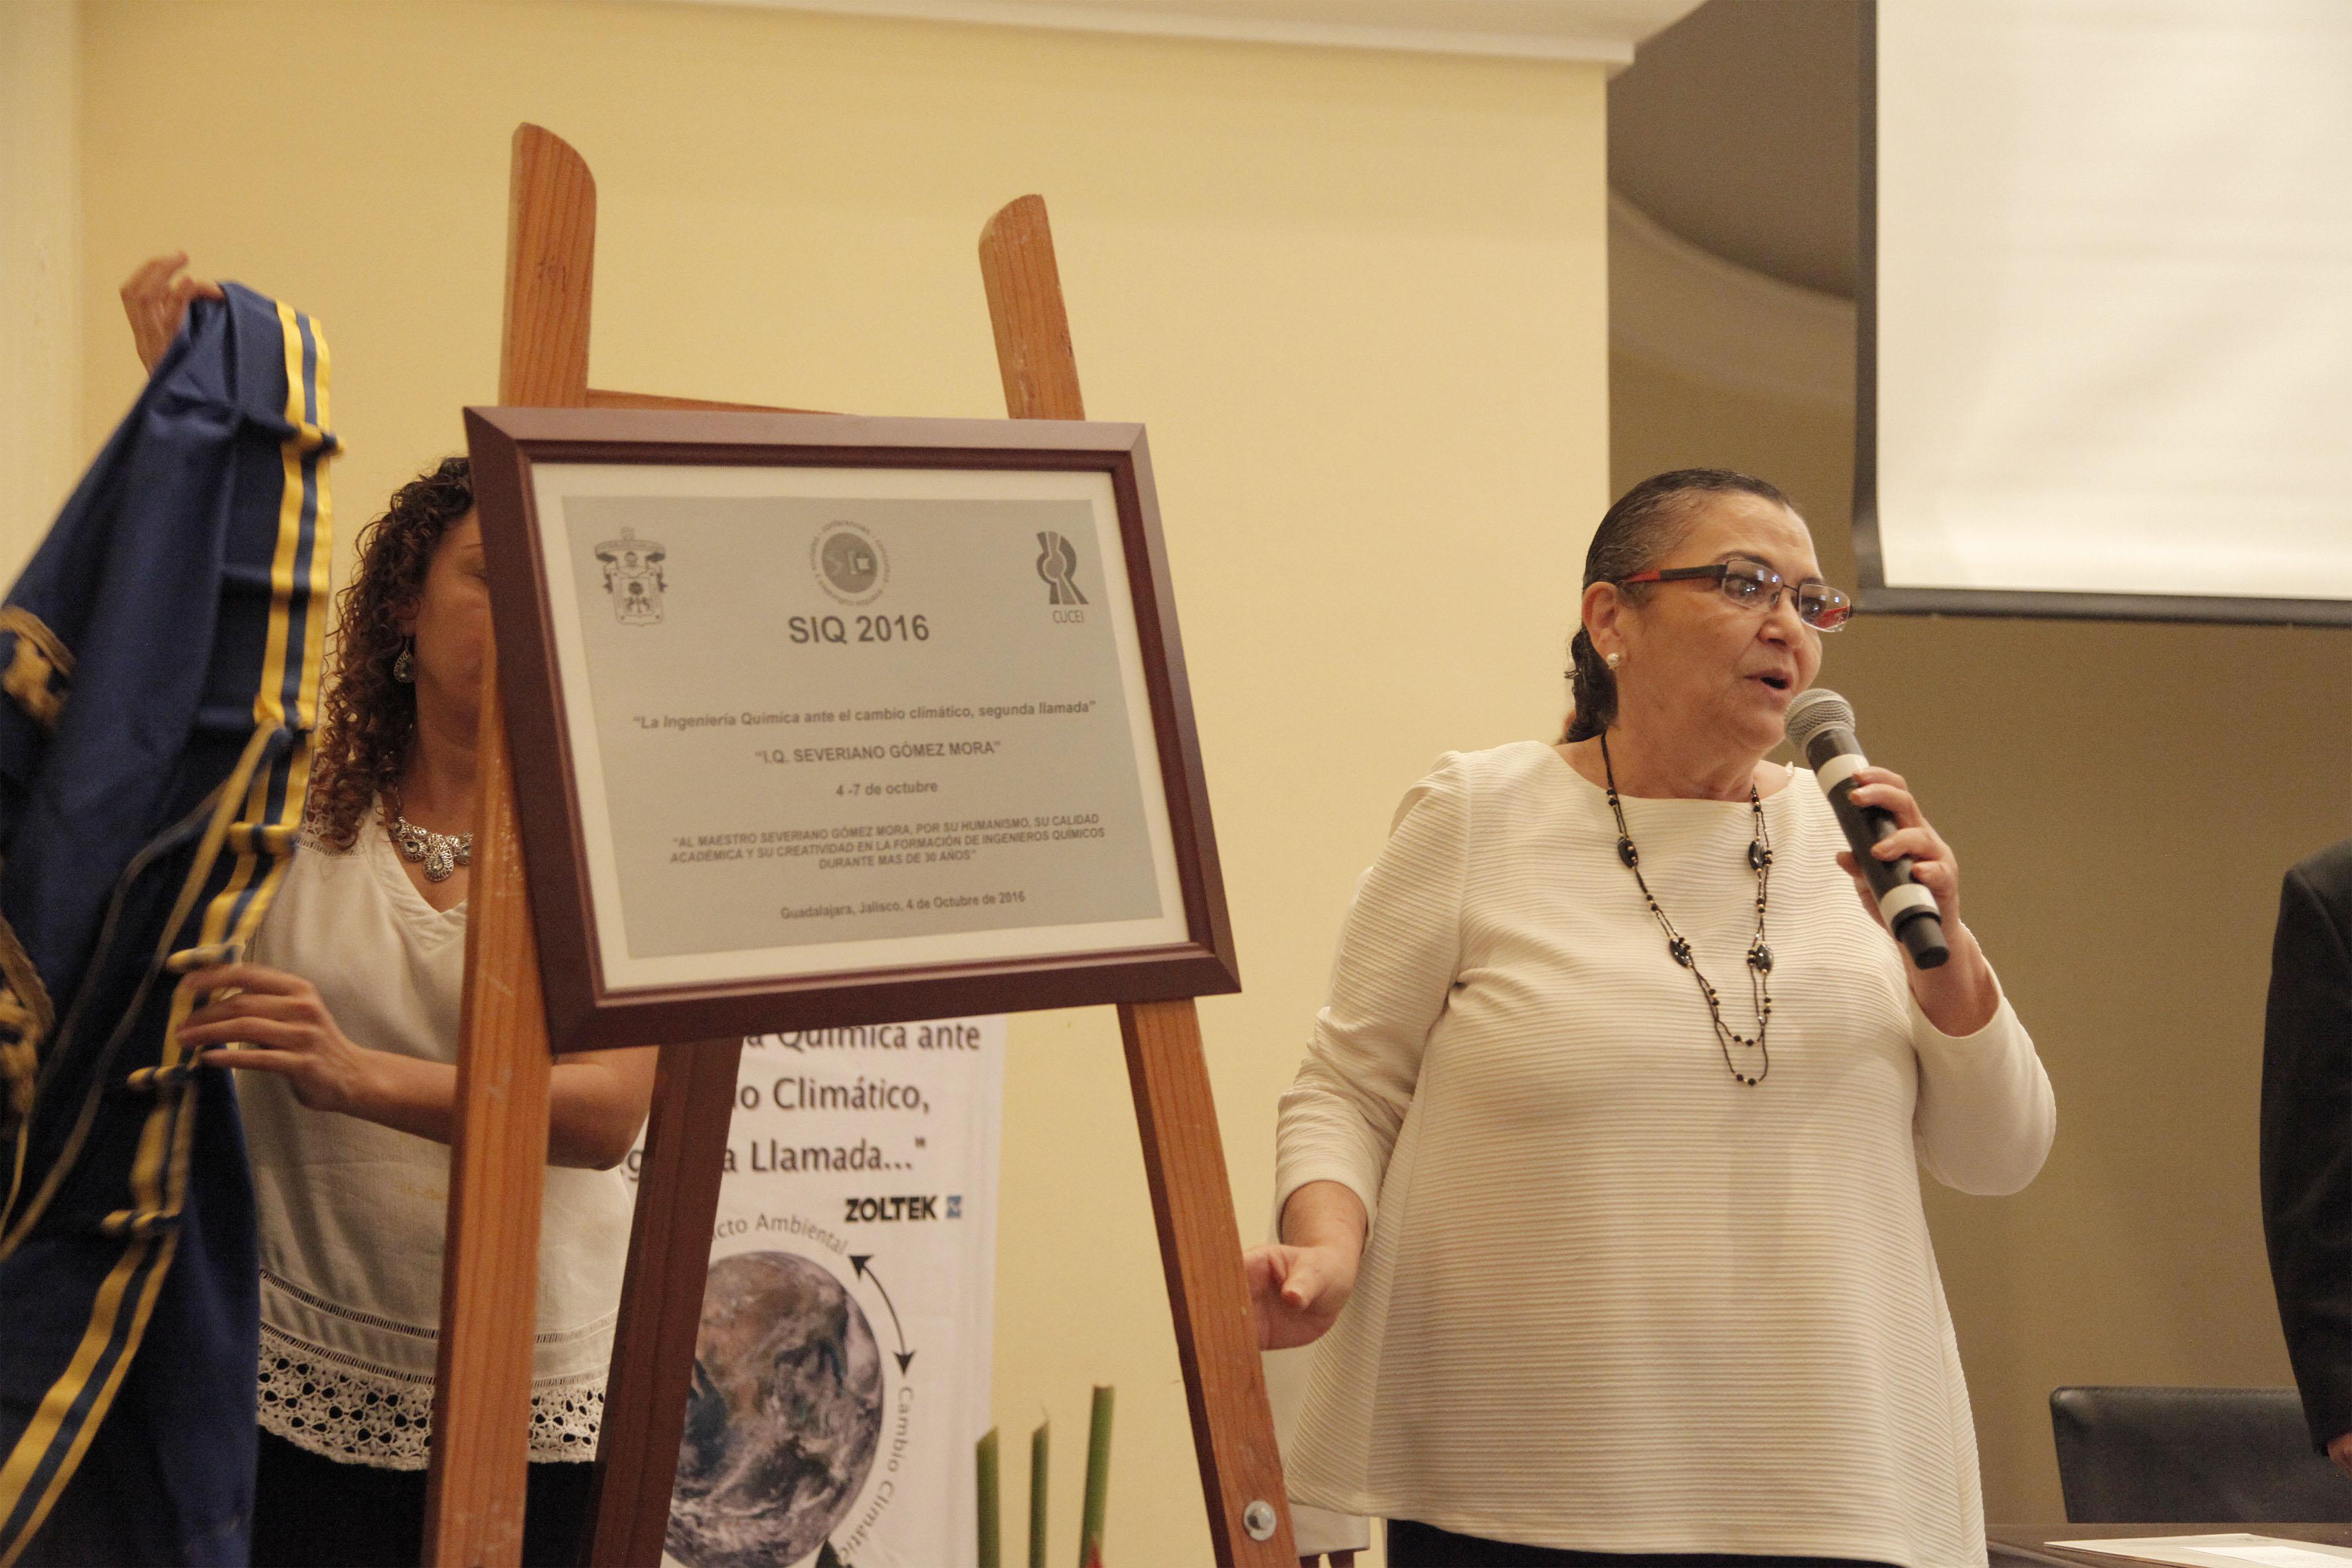 Doctora Ruth Padilla Muñoz, Rectora del CUCEI, con micrófono en mano, haciendo uso de la palabra durante la ceremonia inaugural de las actividades del SIQ 2016.